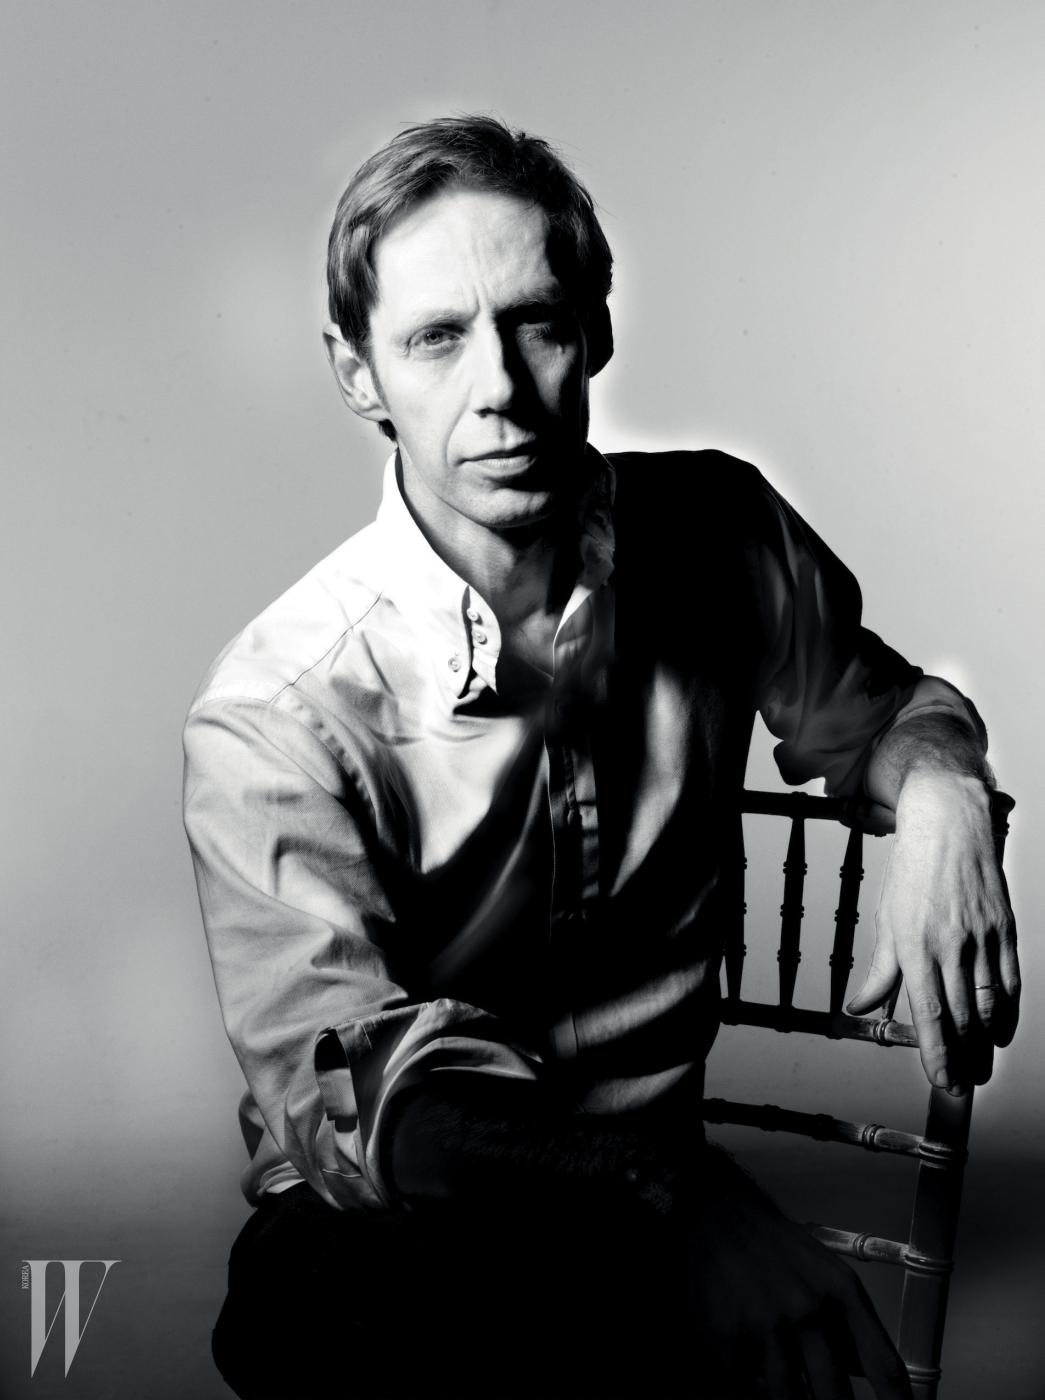 닉 나이트는 현재 자신의 프로덕션인SHOWstudio.com 을 통해 다양한 패션 필름을 선보이고 있다.